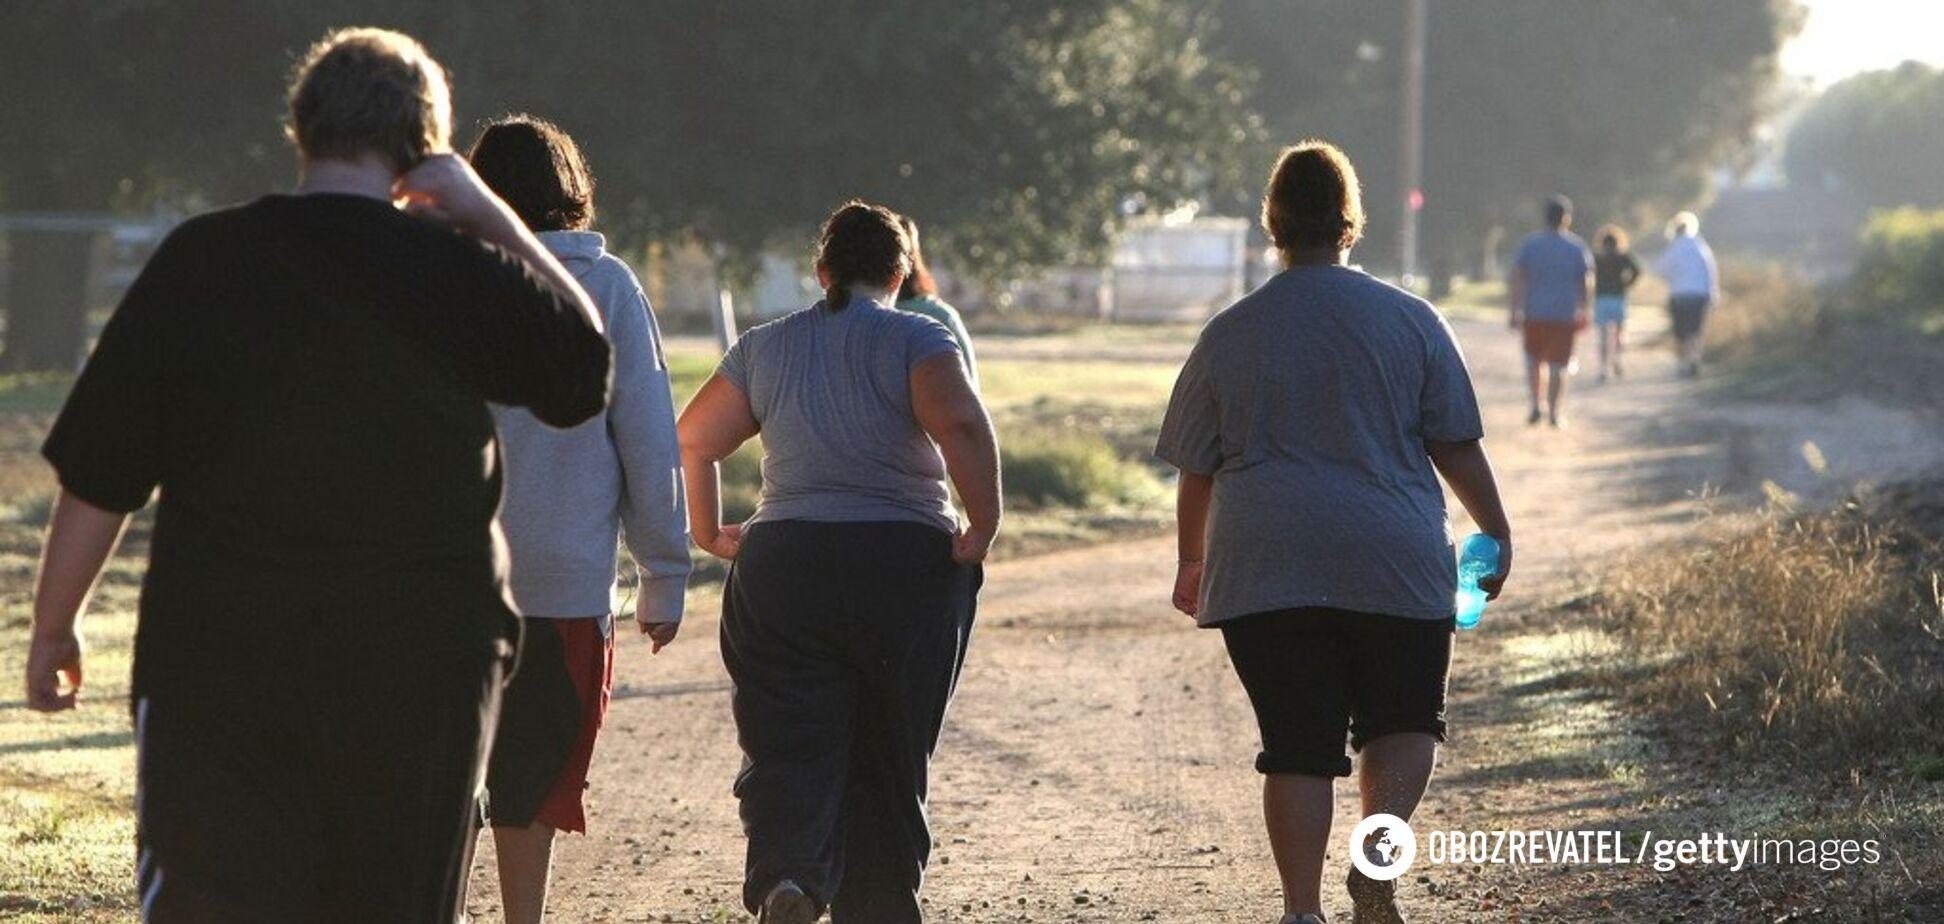 Чому спорт не допомагає схуднути: лікар розкрила секрет